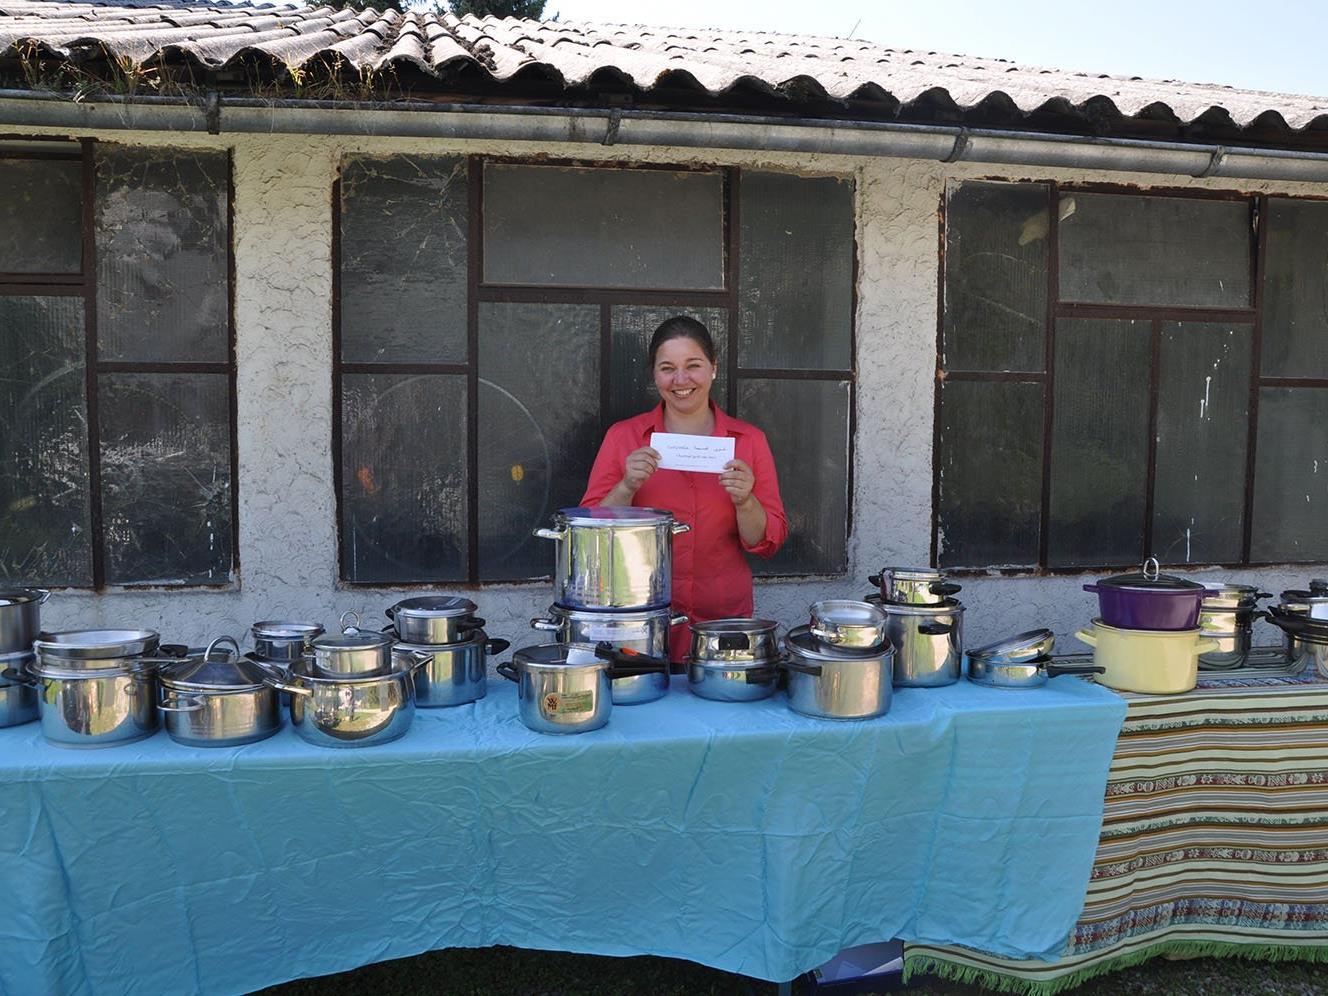 Margot Pires mit den gespendeten Kochtöpfen